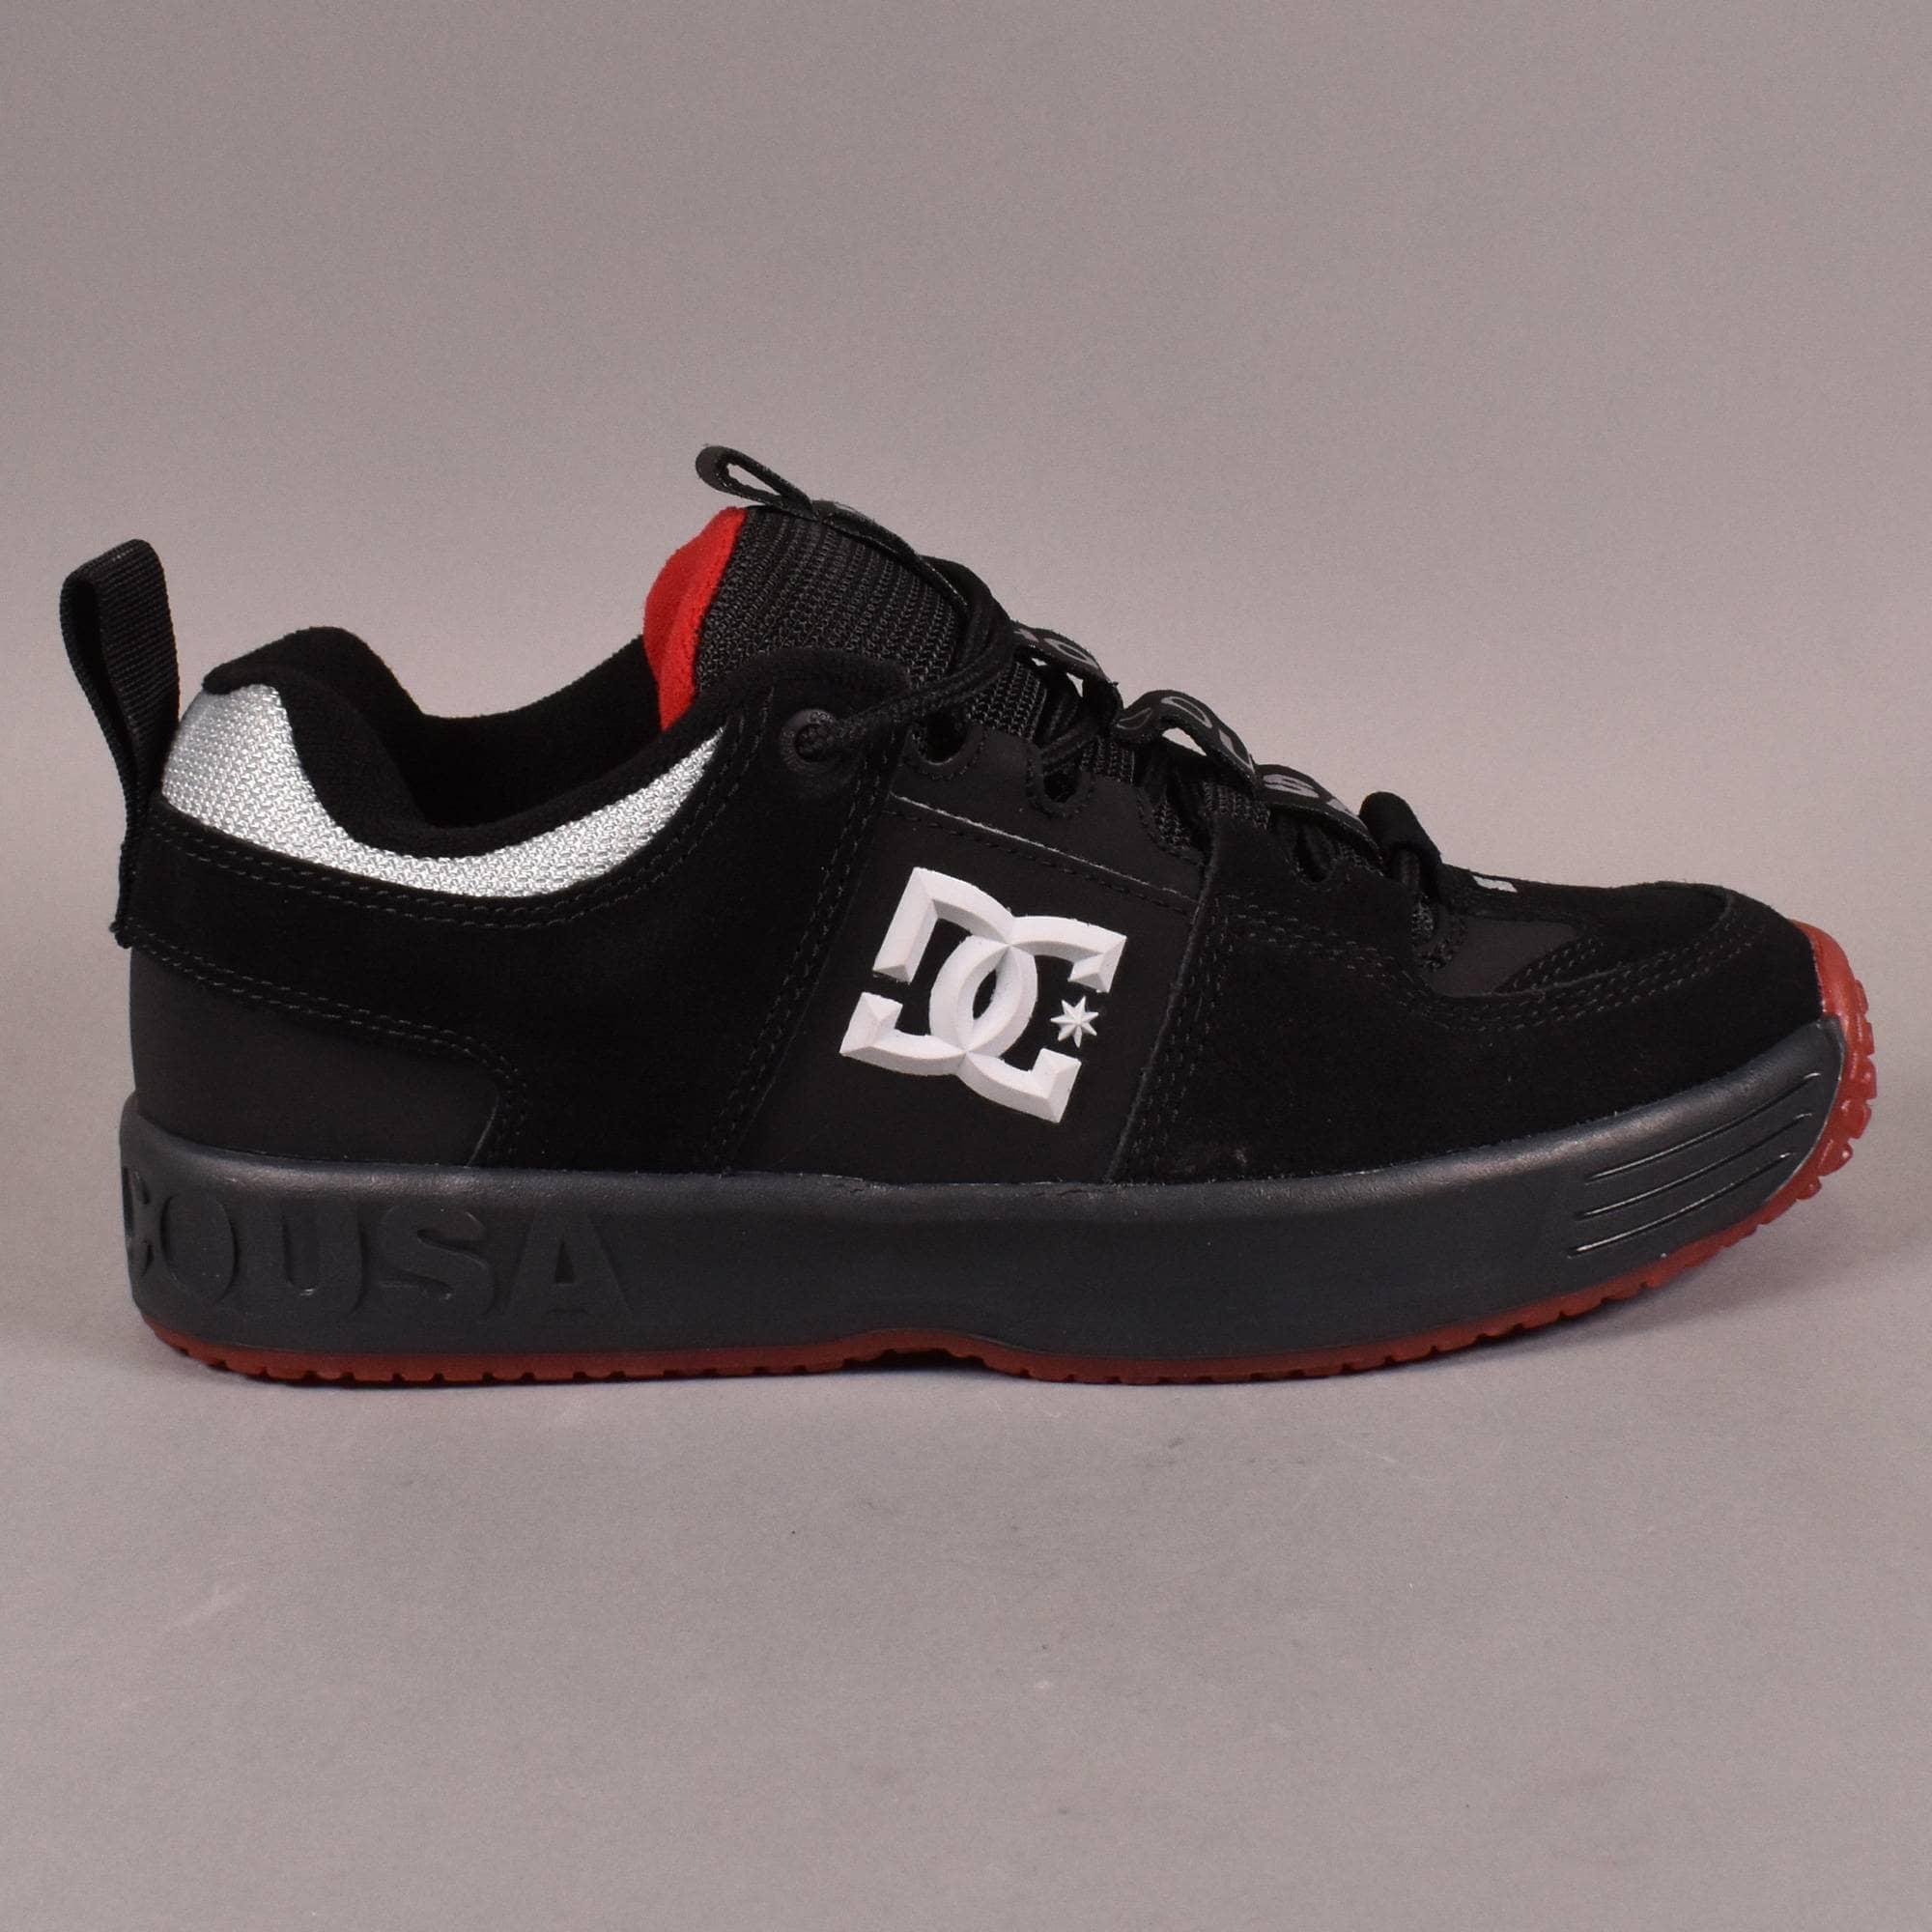 DC Shoes Lynx OG Skate Shoes - Black/Dk